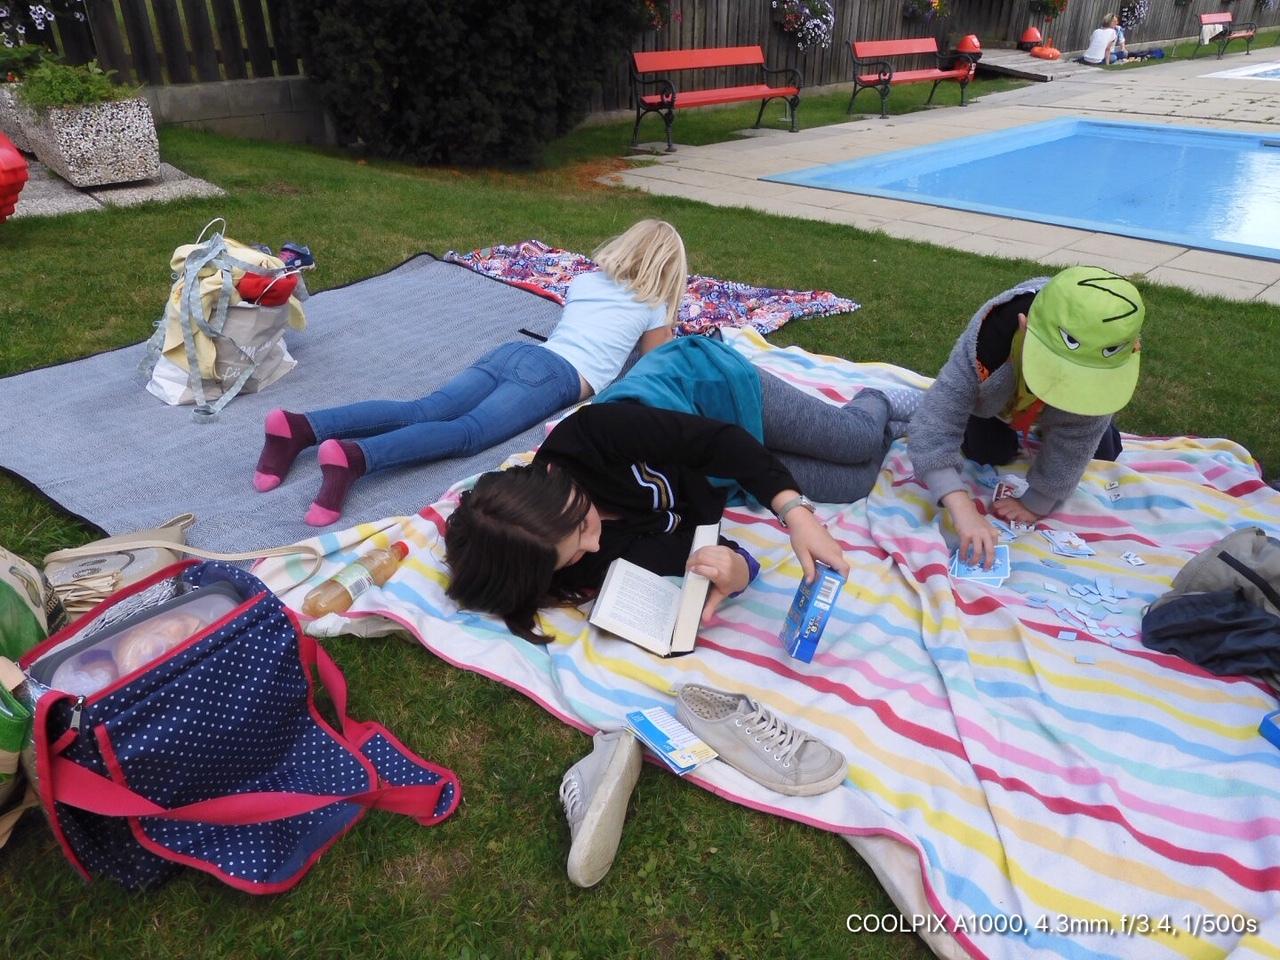 Ein Picknick der anderen Art: Zusammensein, ohne Smartphone & Internet